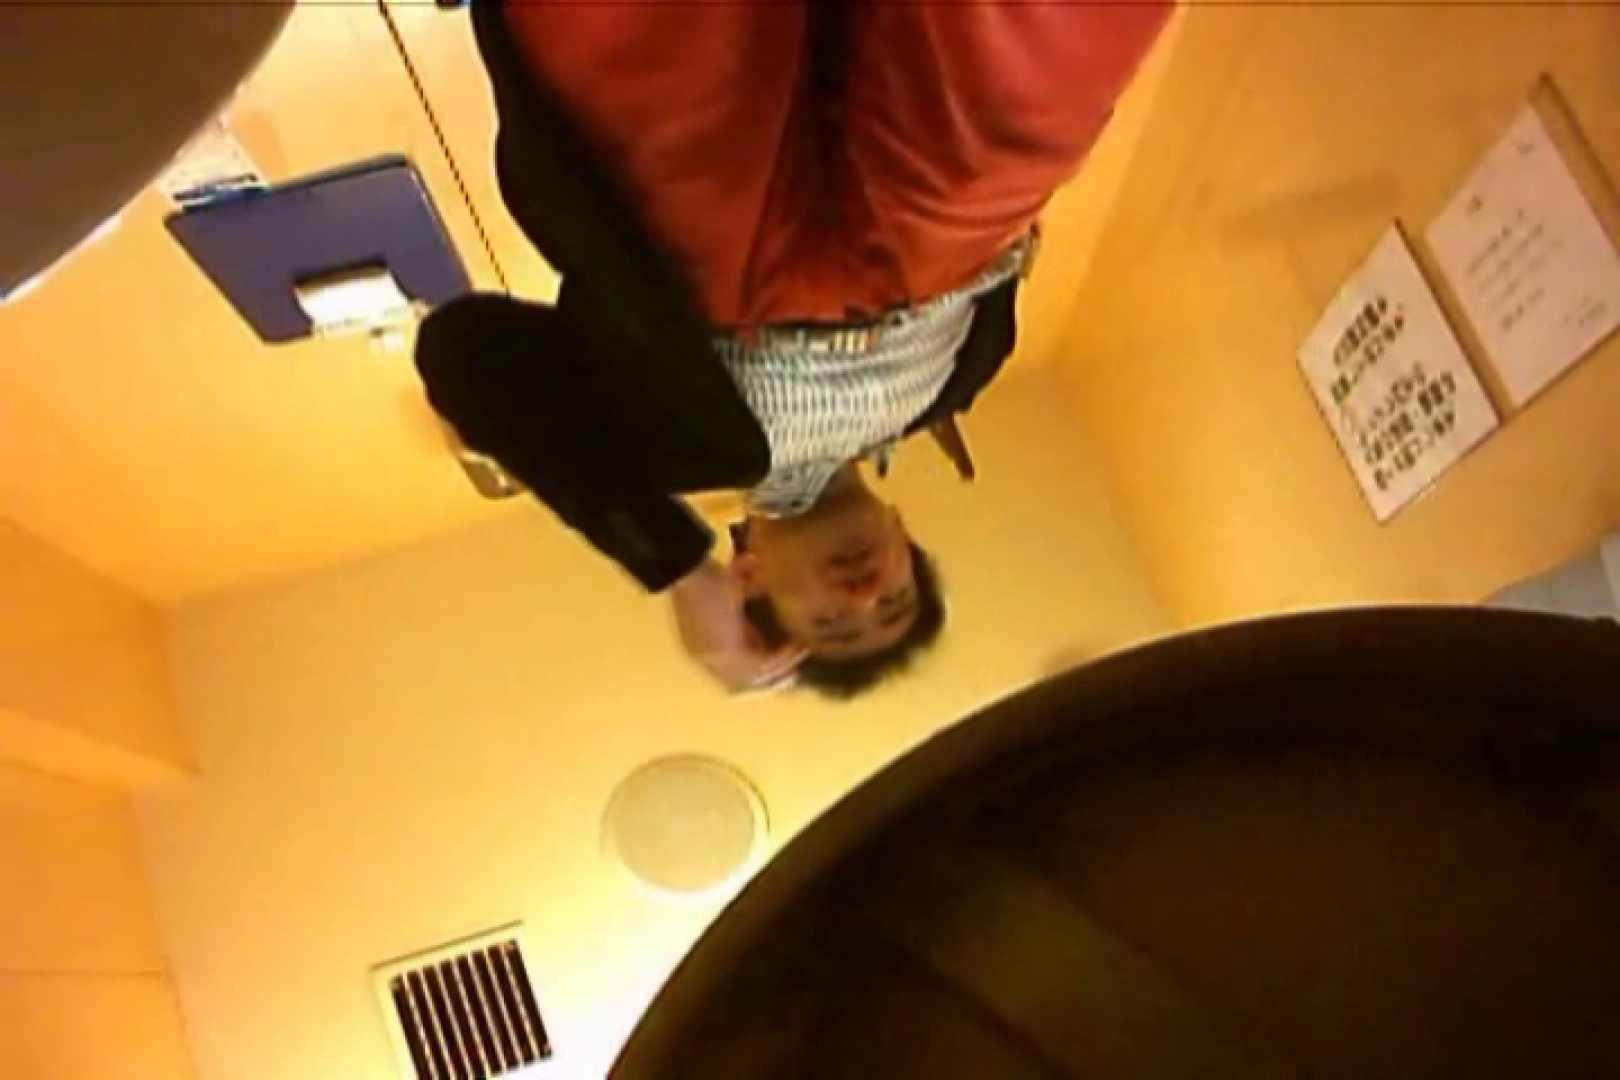 SEASON 2ND!掴み取りさんの洗面所覗き!in新幹線!VOL.04 完全無修正でお届け   ノンケボーイズ  64pic 35